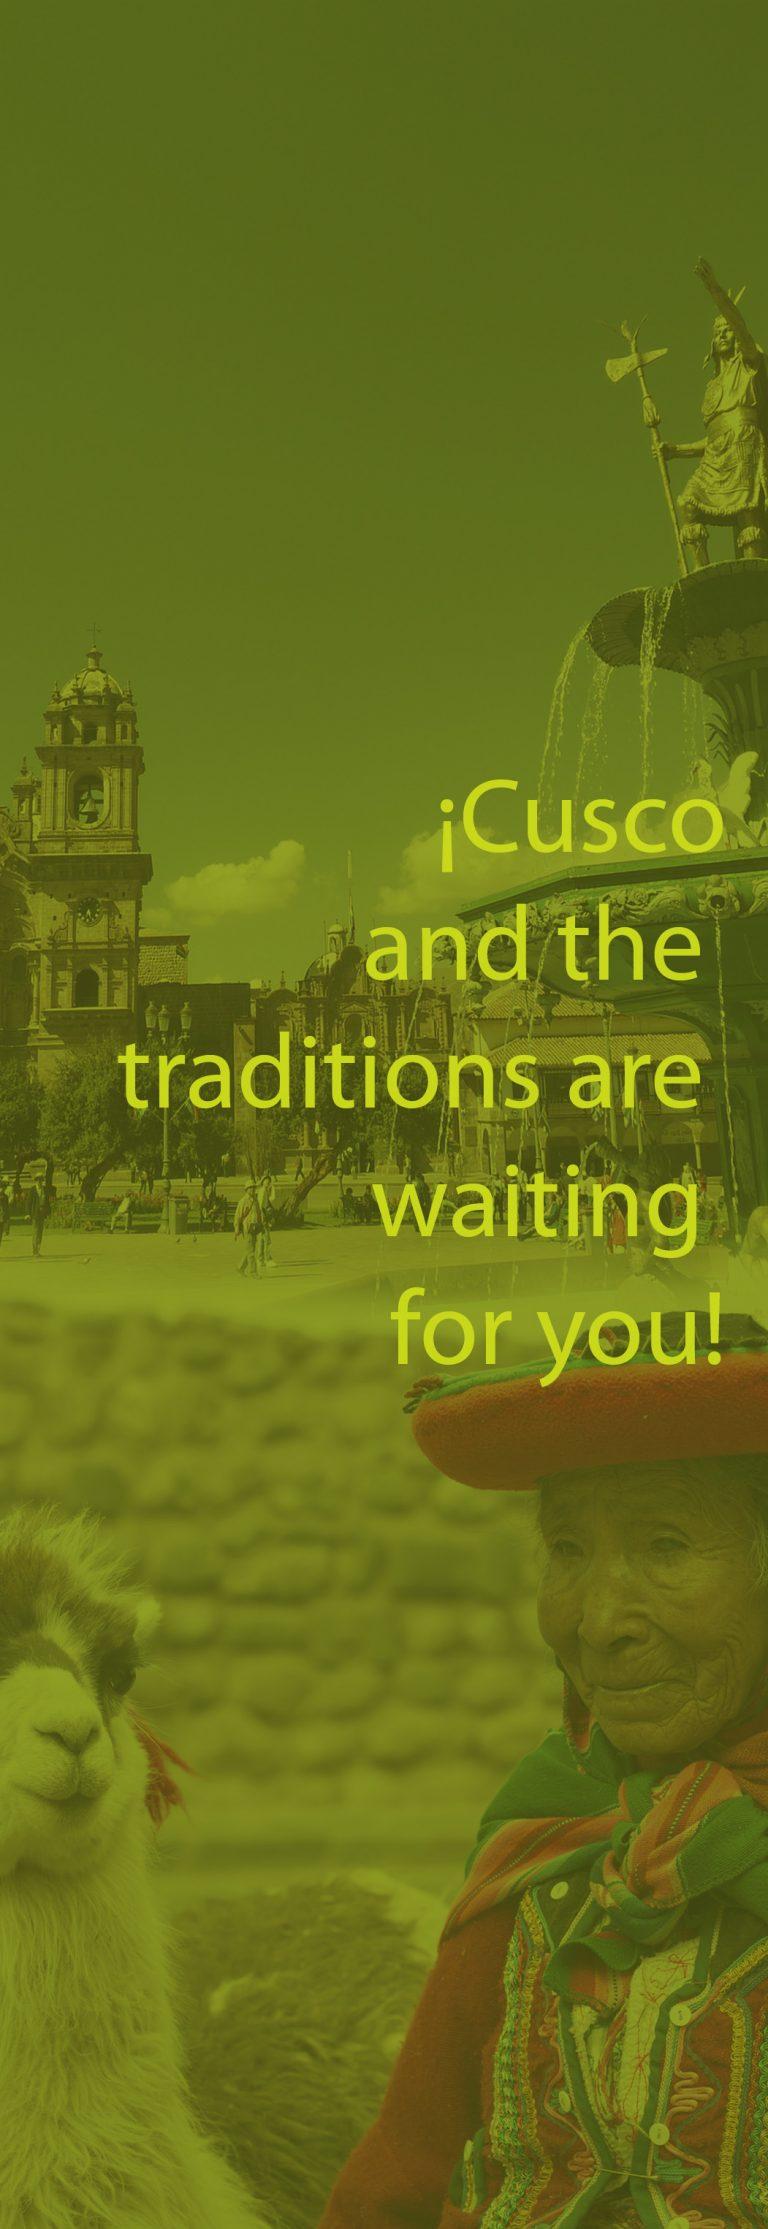 travel to cusco